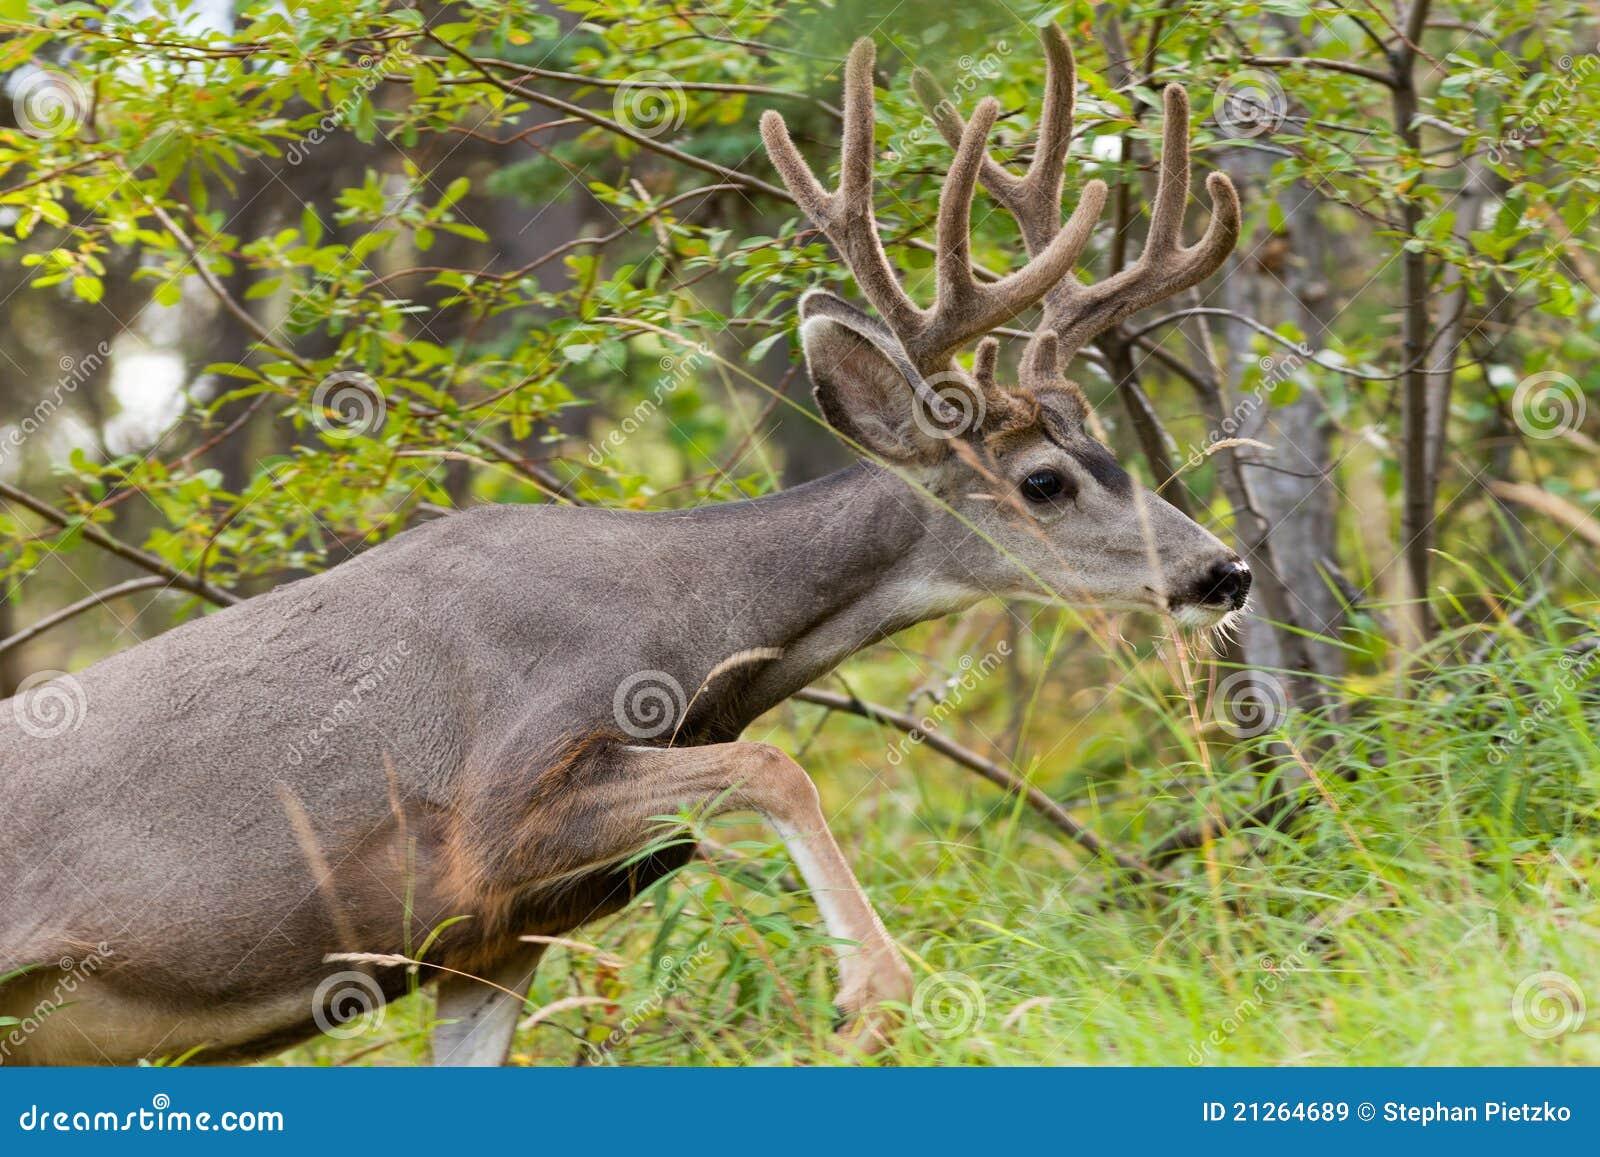 鹿角美丽的大型装配架鹿骡子天鹅绒